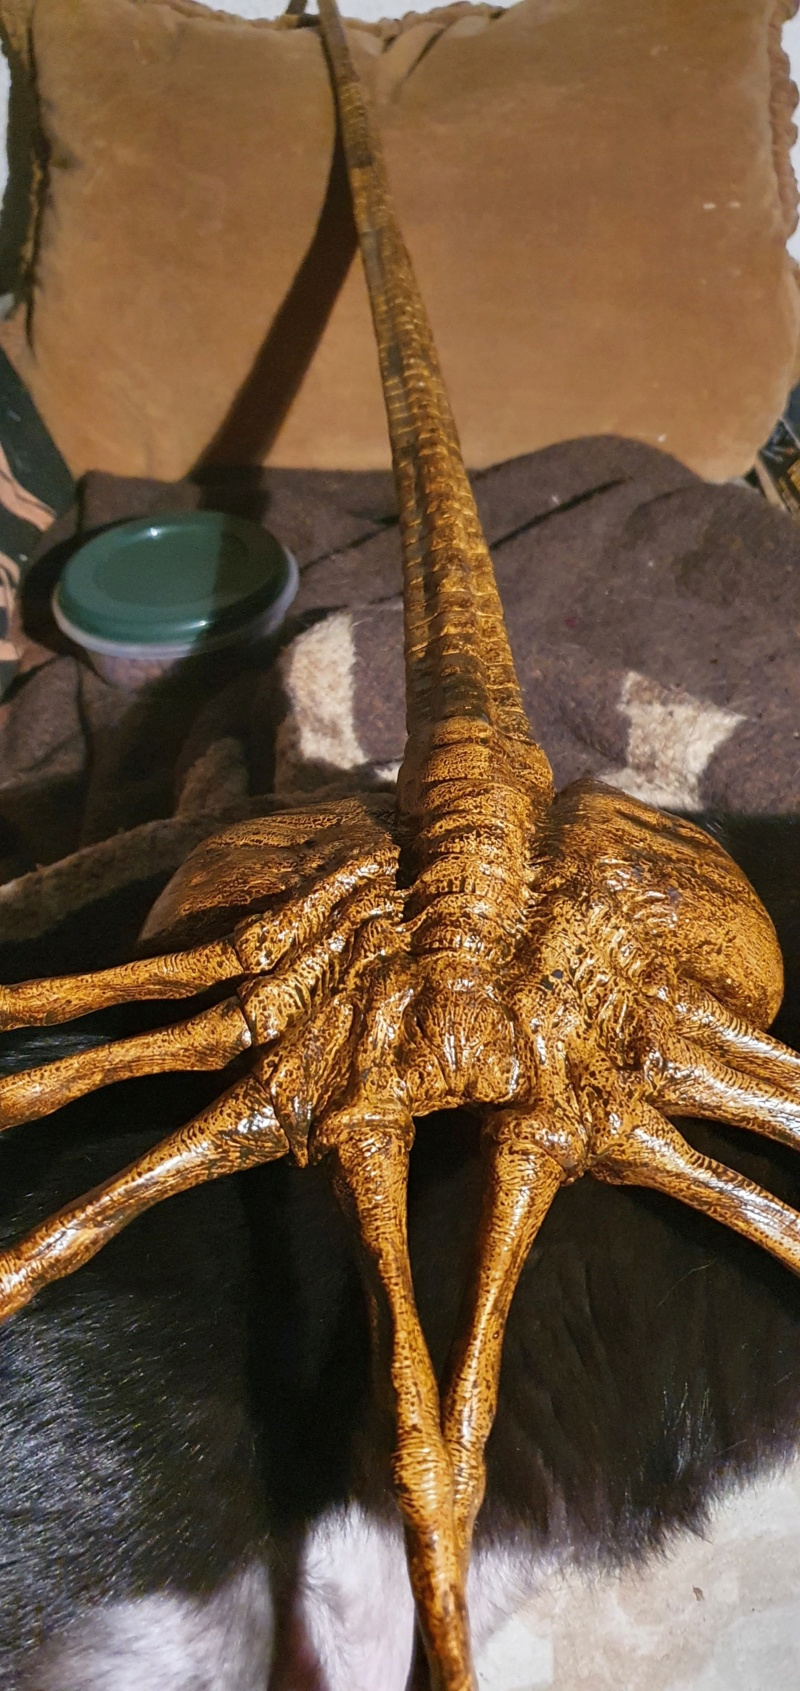 Baubericht Facehugger aus Alien und Aliens 1:1 (Livesize)Bausatz von Indymodel88 20210154